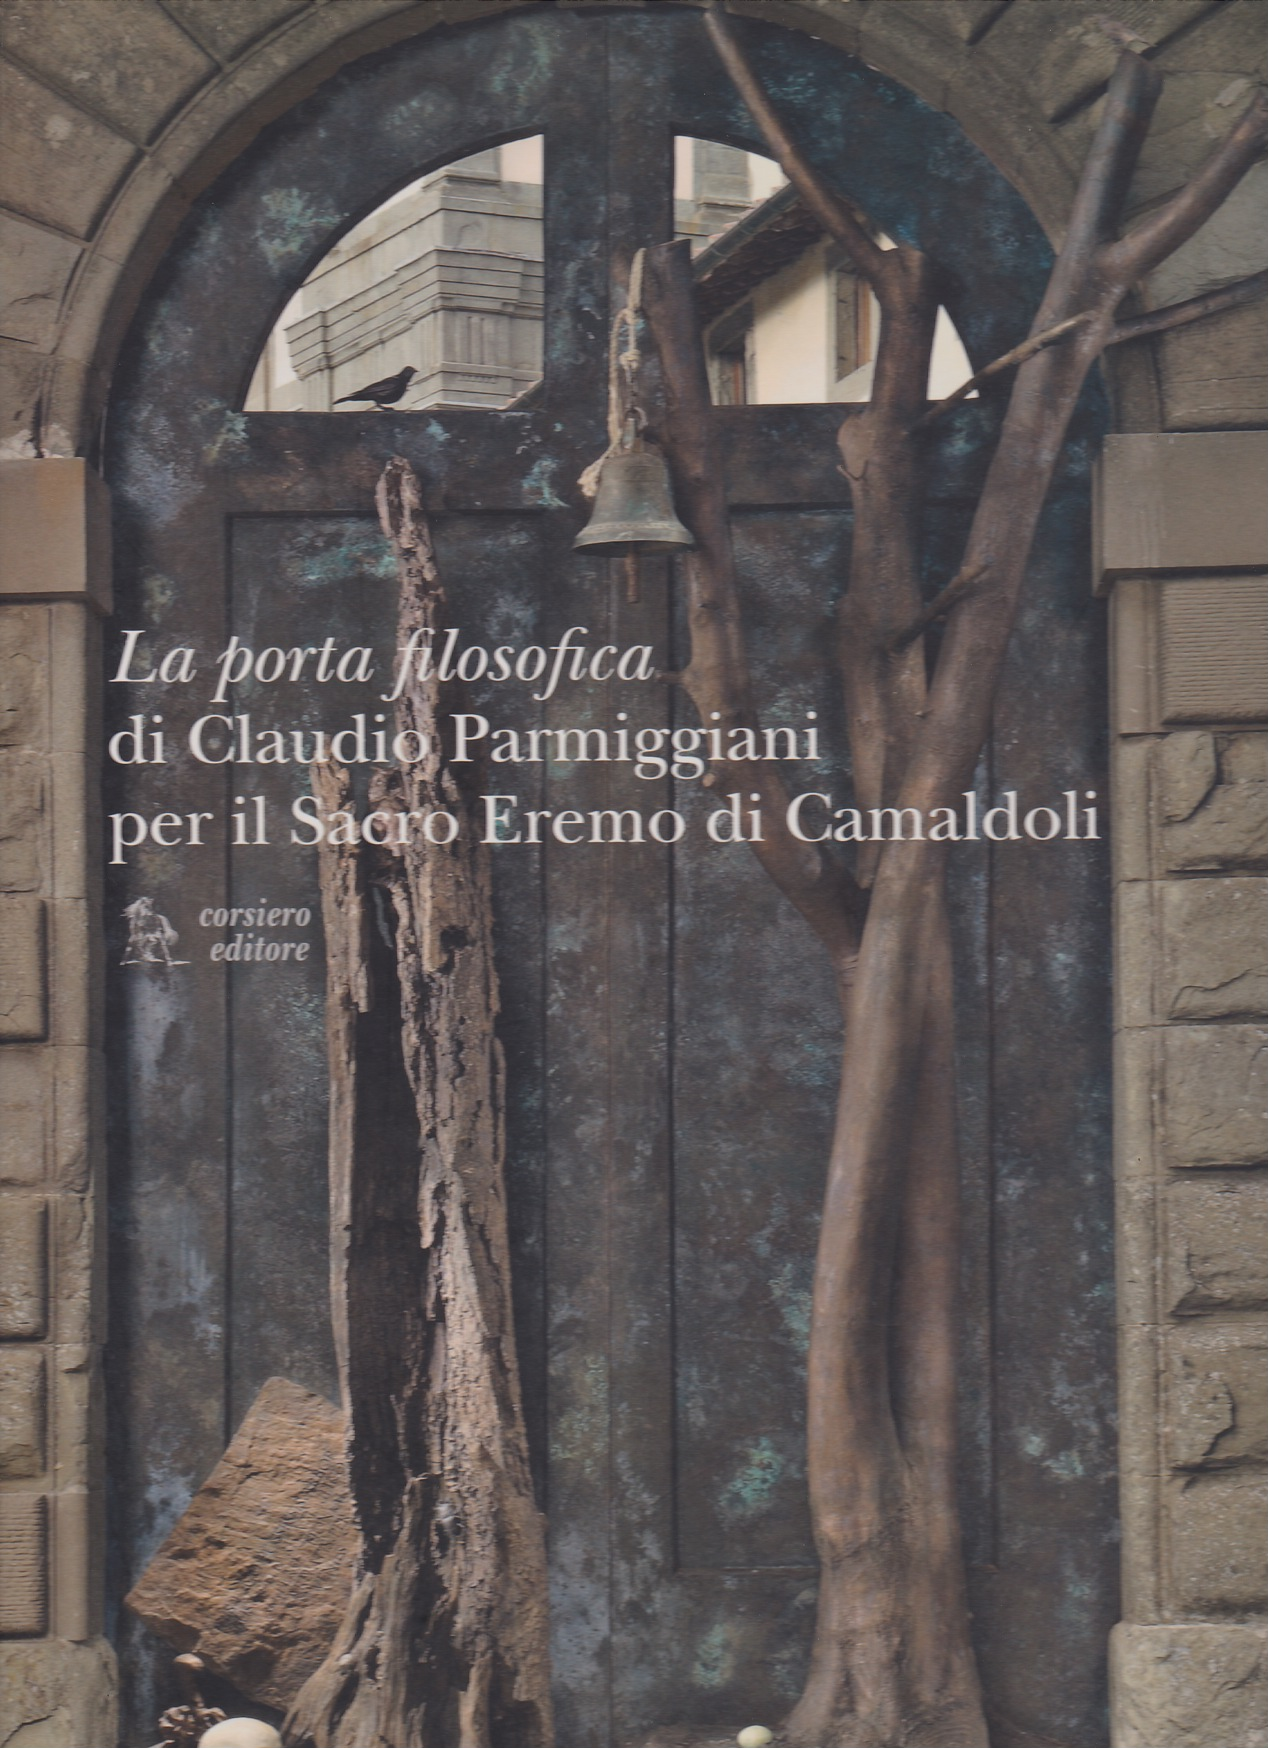 La porta filosofica di Claudio Parmiggiani per il Sacro Eremo di Camaldoli